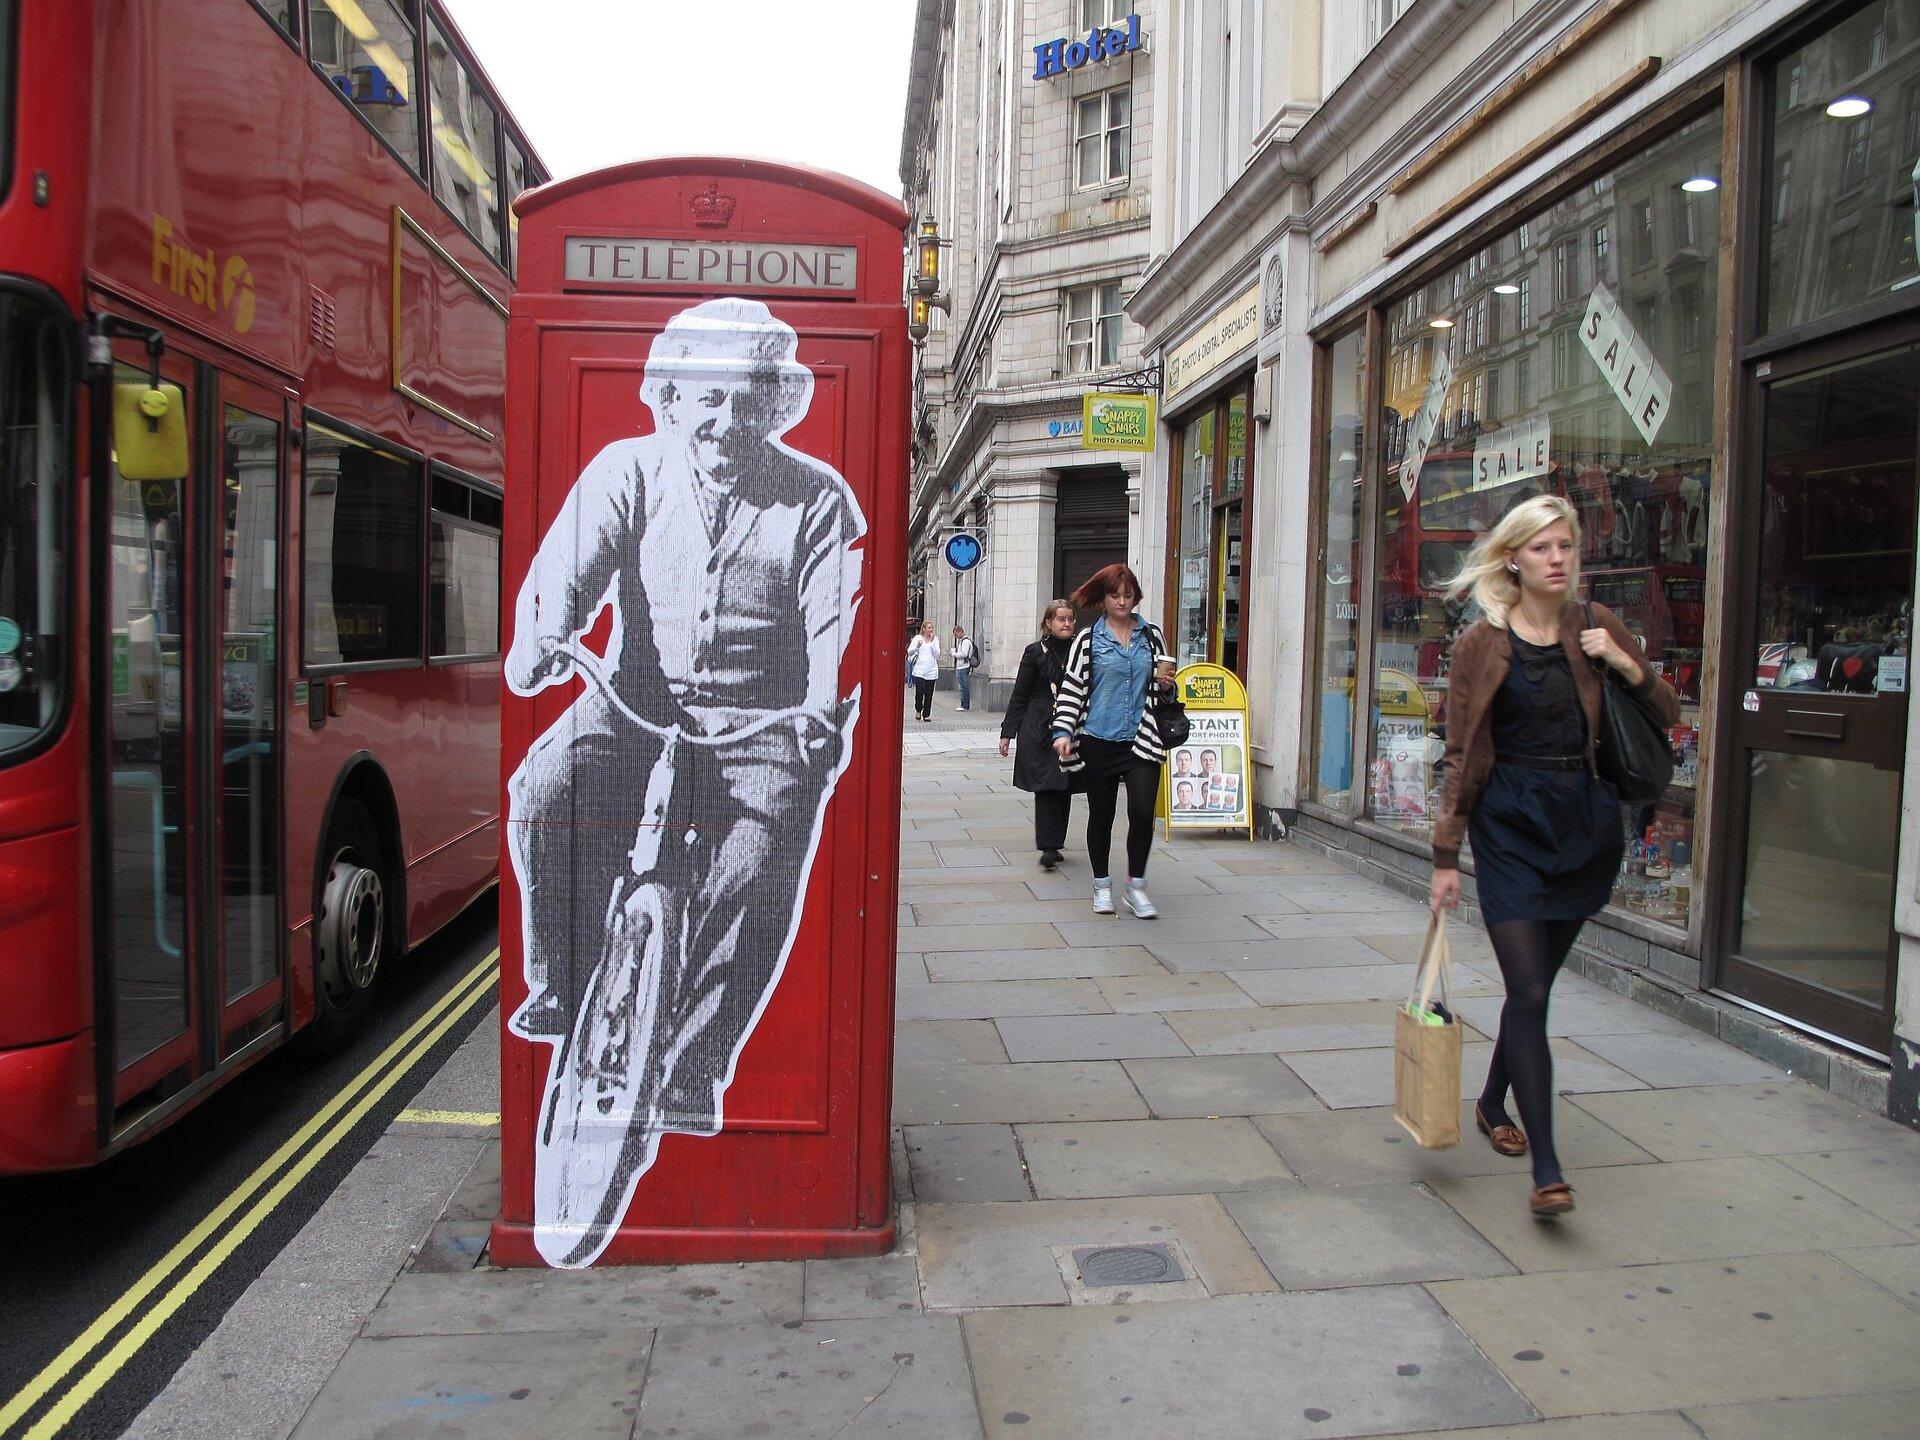 Zdjęcie przedstawia ulicę brytyjskiego miasta. Na pierwszym planie znajduje się typowa angielska czerwona budka telefoniczna, obok której przechodzą ludzie. Na budce wielka naklejka zwyciętą zfotografii sylwetką Alberta Einsteina jadącego na rowerze, uwiecznionego od frontu. Po lewej stronie budkę mija jadący ulicą czerwony dwupiętrowy autobus, po prawej widać ciąg starych budynków iwitryn sklepowych.